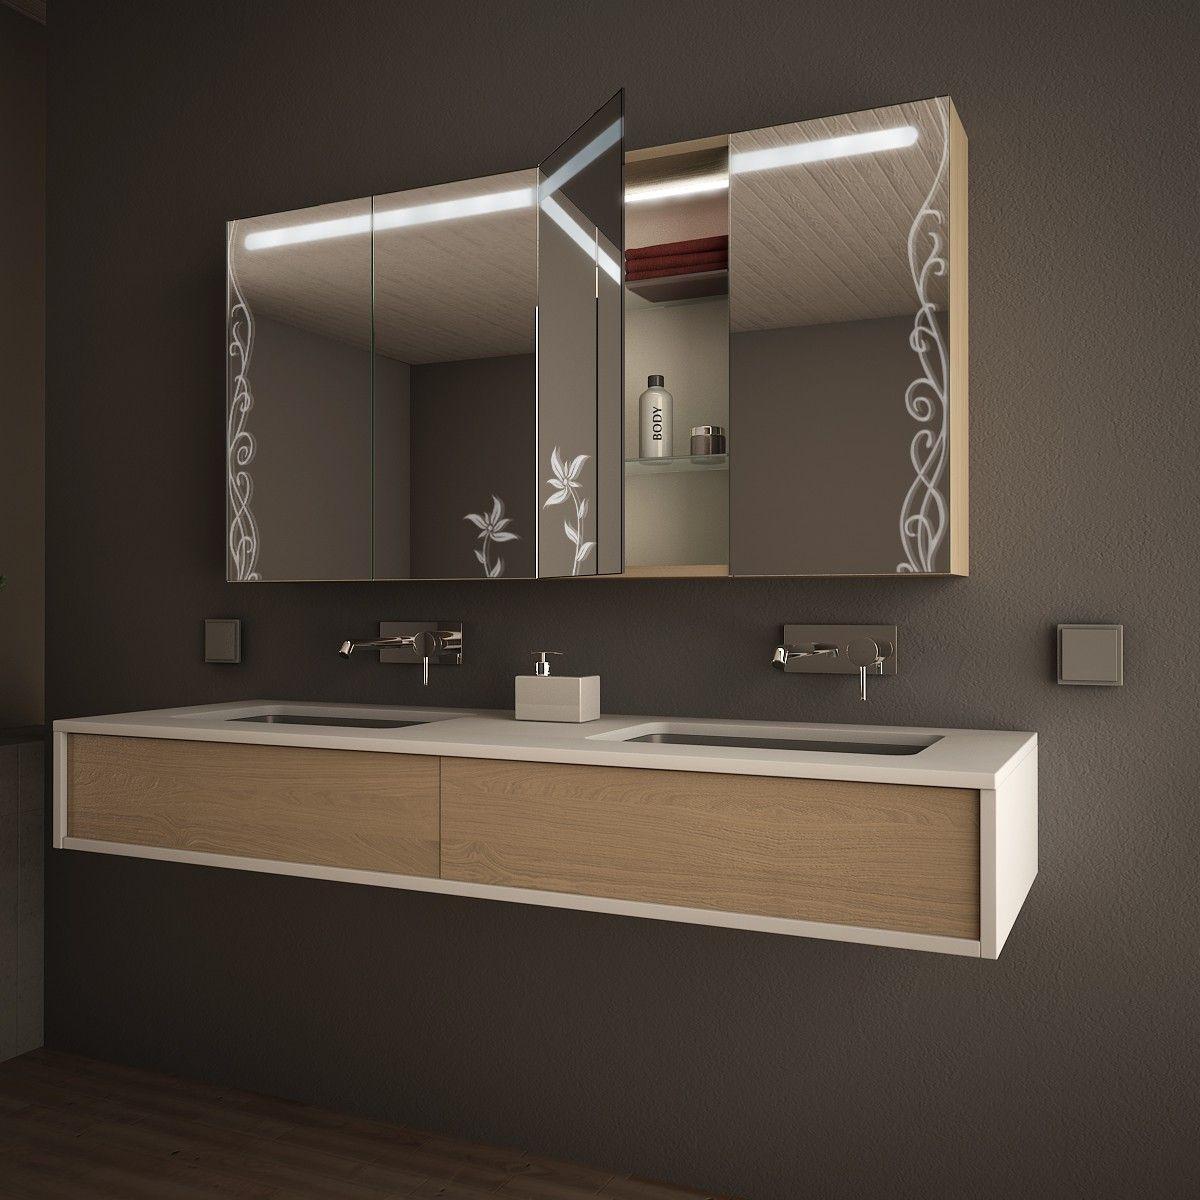 Spiegelschrank Led Mehrturig Hana Badezimmer Spiegelschrank Spiegelschrank Bad Spiegelschrank